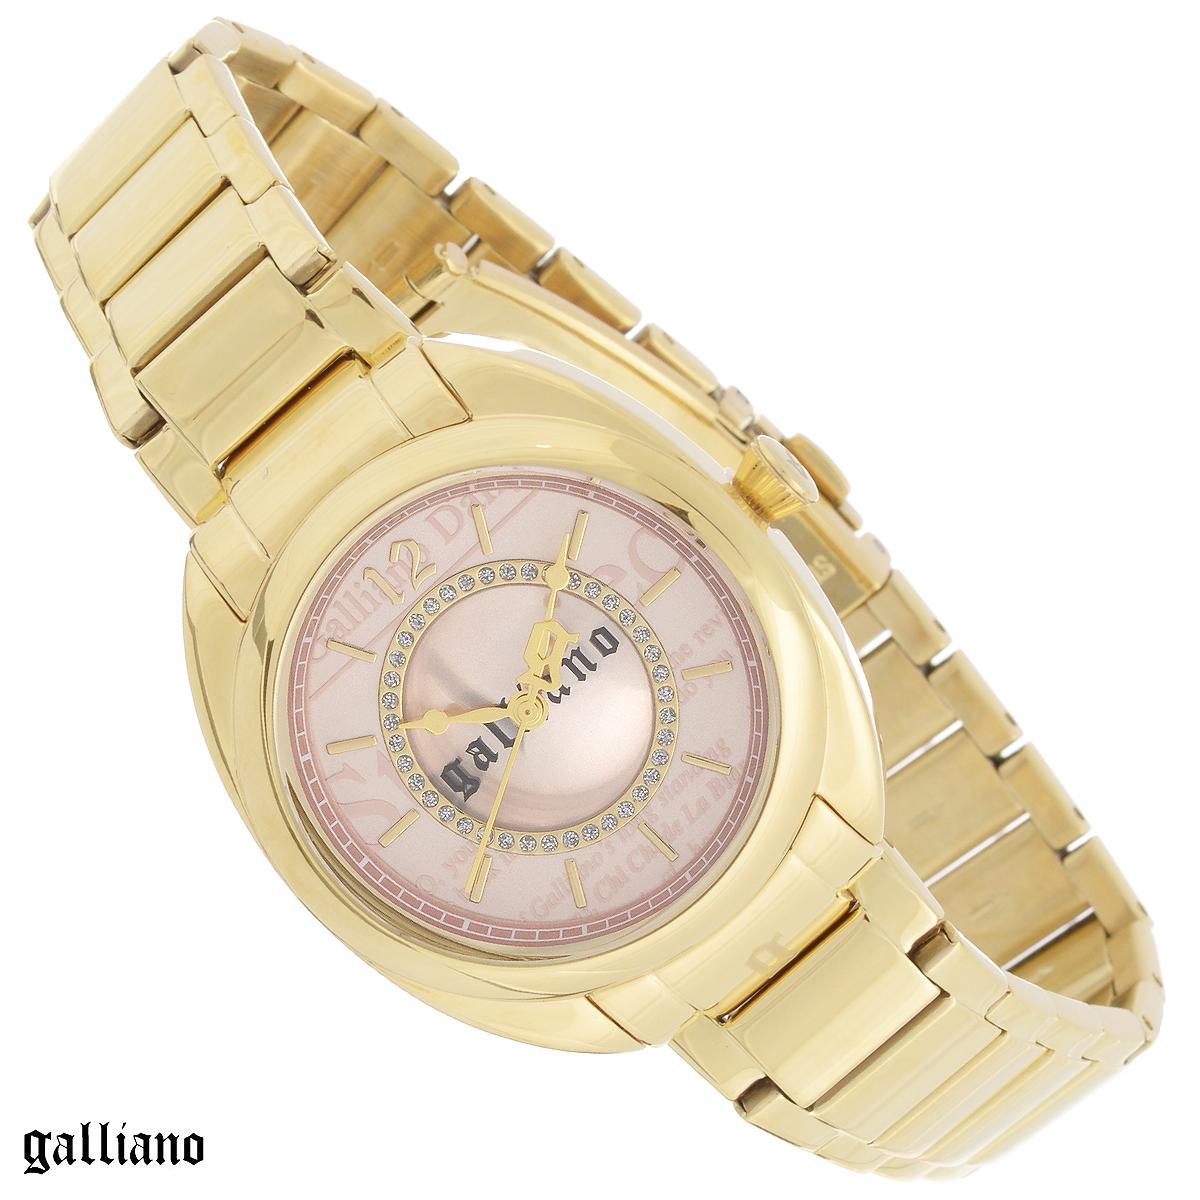 Часы женские наручные Galliano, цвет: золотой. R2553111501R2553111501Наручные женские часы Galliano оснащены кварцевым механизмом. Корпус выполнен из высококачественной нержавеющей стали с PVD-покрытием. Циферблат с отметками оформлен кристаллами и защищен сапфировым стеклом. Часы имеют три стрелки - часовую, минутную и секундную. Браслет часов выполнен из нержавеющей стали с PVD-покрытием и оснащен раскладывающейся застежкой. Часы укомплектованы паспортом с подробной инструкцией. Часы Galliano благодаря своему великолепному дизайну и качеству исполнения станут главным акцентом вашего образа. Характеристики: Диаметр циферблата: 2,8 см. Размер корпуса: 3,4 см х 3,4 см х 0,9 см. Длина браслета (с корпусом): 25,5 см. Ширина браслета: 1,6 см.